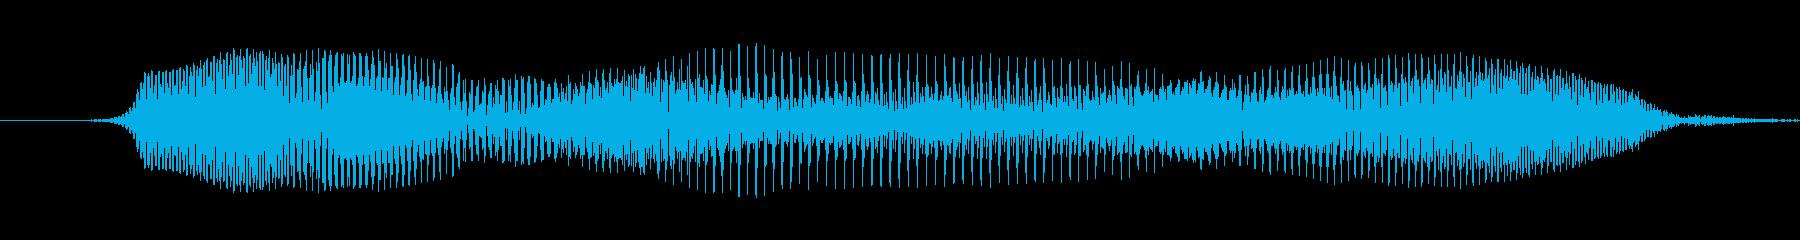 リトルレッドモンスター:Yの再生済みの波形